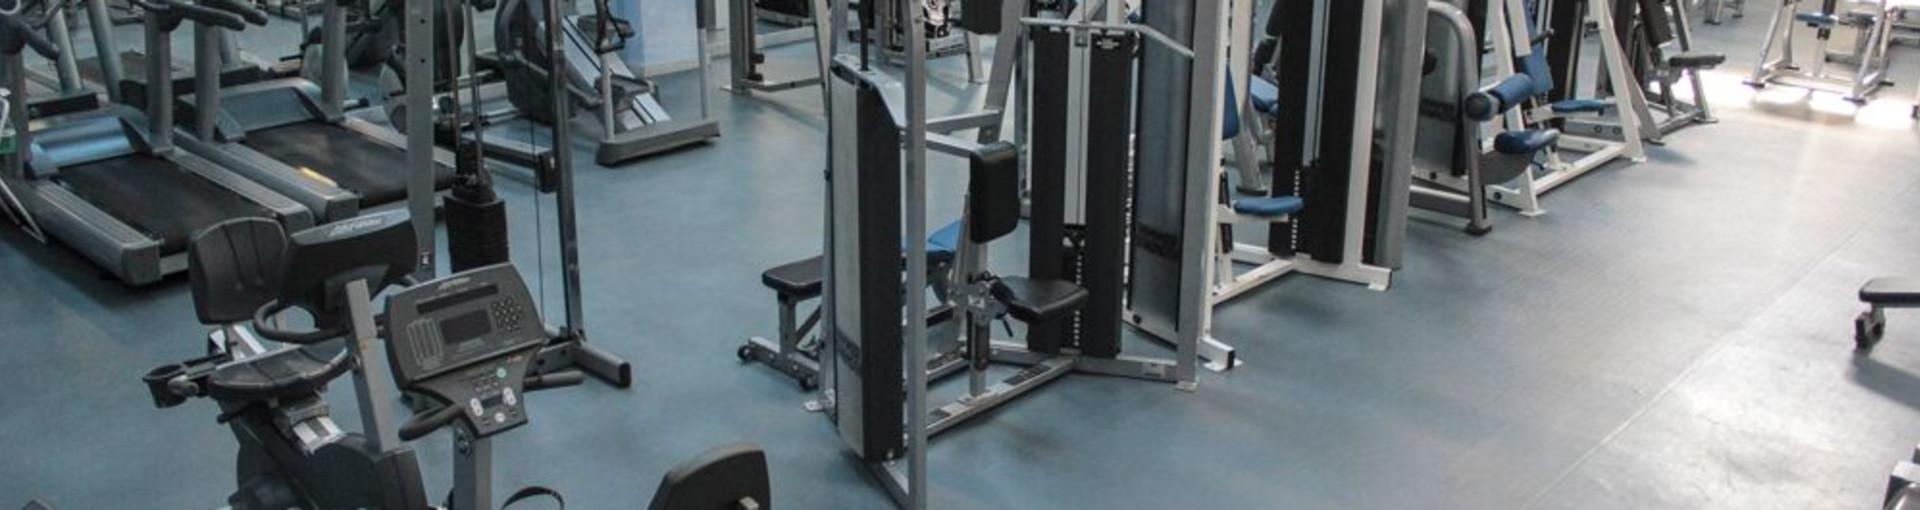 Club 24 Gym - Busto Garolfo